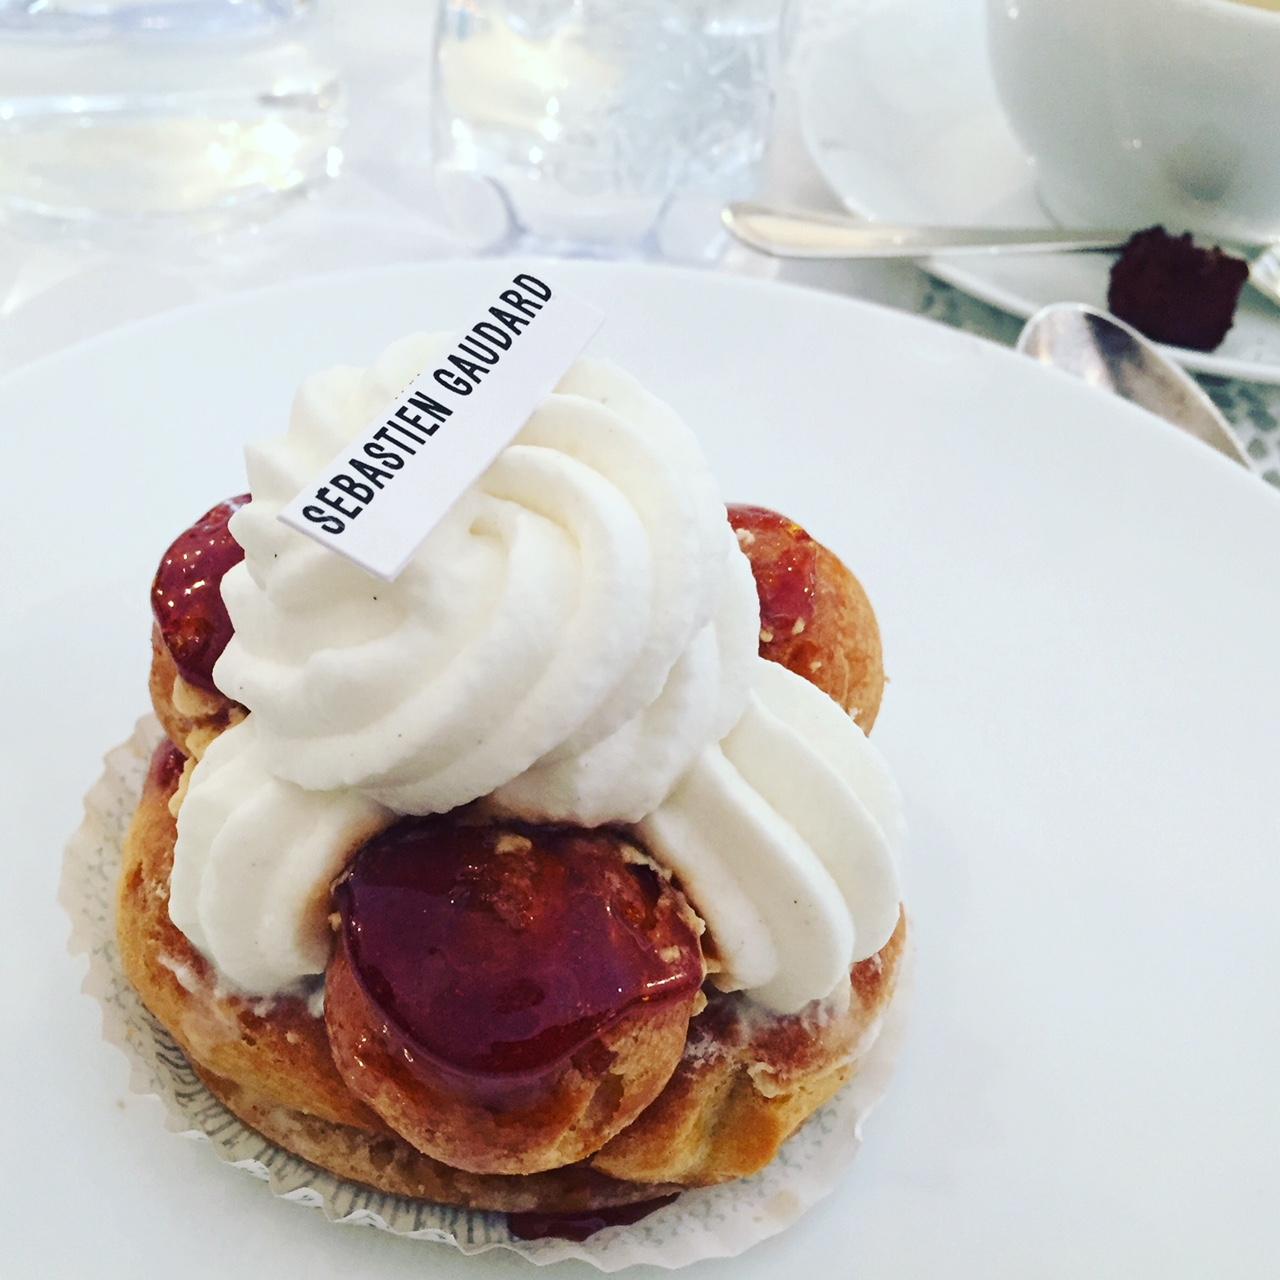 みんな大好きフランス菓子「サントノレ」の美味しい秘密